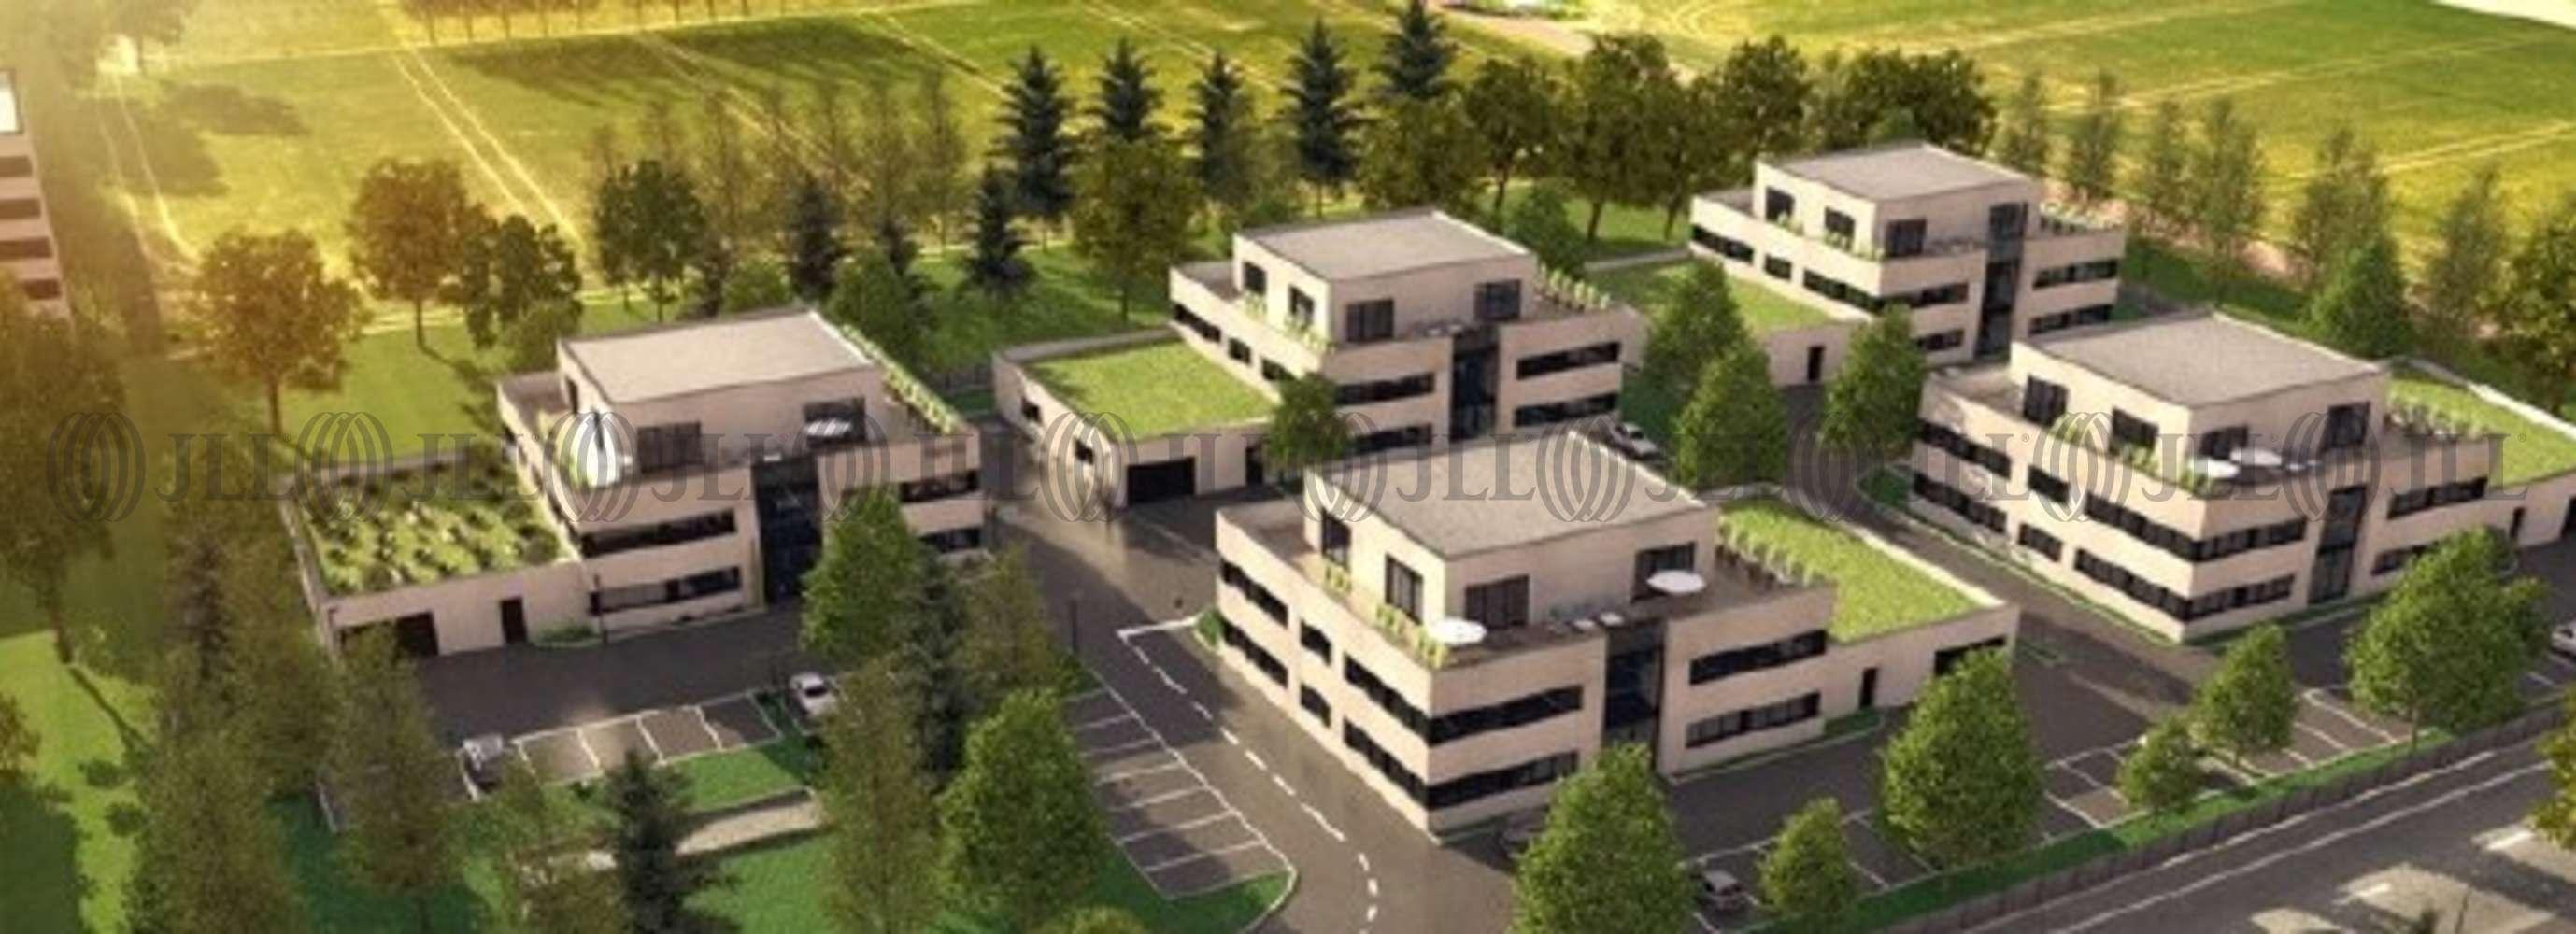 Activités/entrepôt Rillieux la pape, 69140 - WENGEN PARK - LOCAUX D ACTIVITE NEUFS